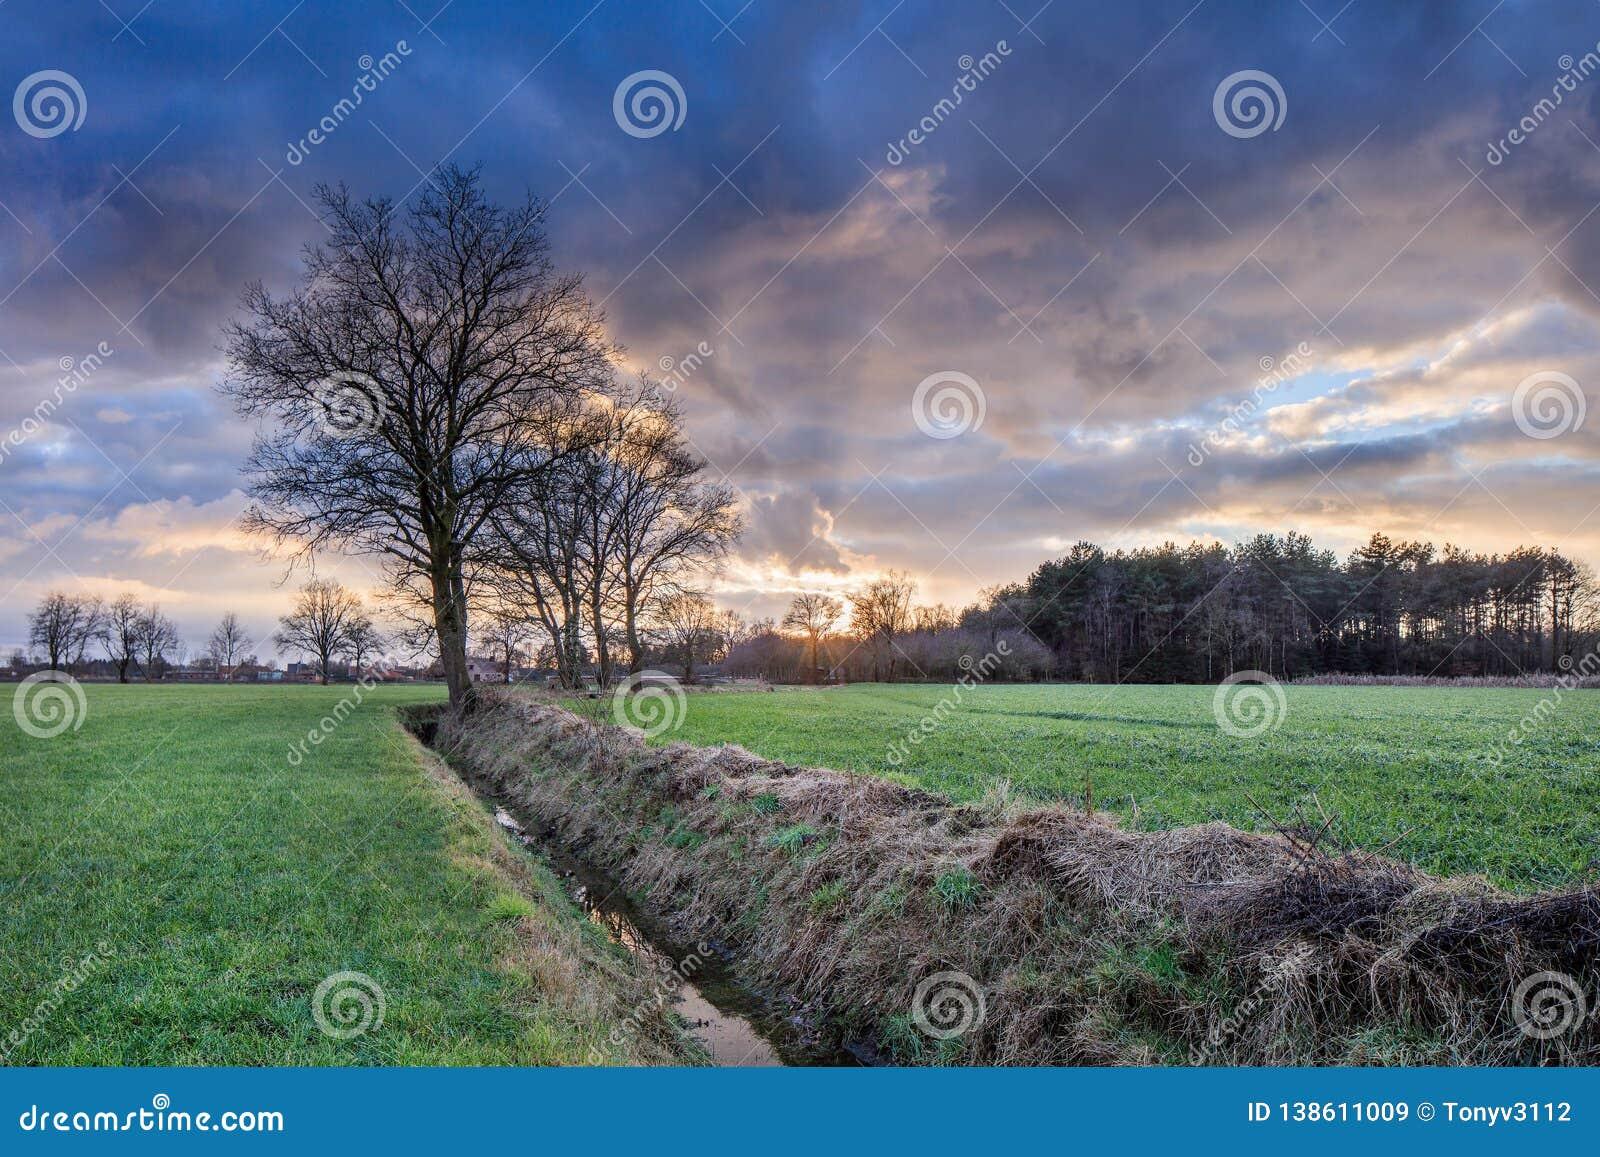 Landelijk landschap, gebied met bomen dichtbij een sloot en kleurrijke zonsondergang met dramatische wolken, Weelde, België